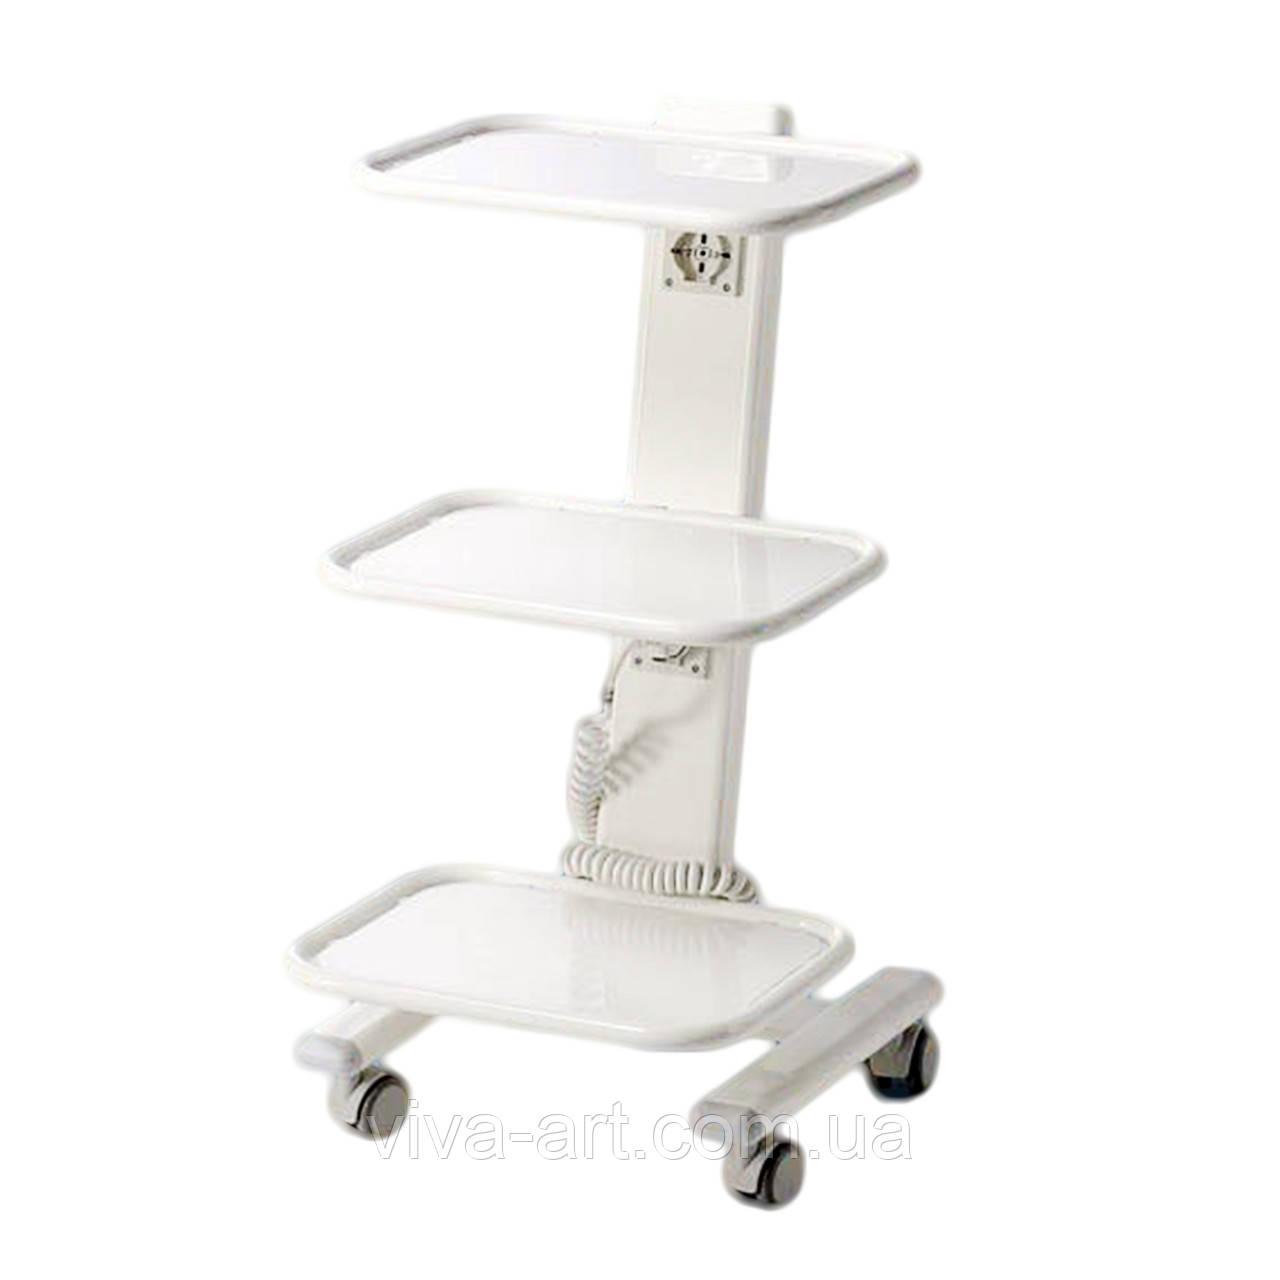 Мобильный малогабаритный столик со встроенной двойной розеткой (Италия)